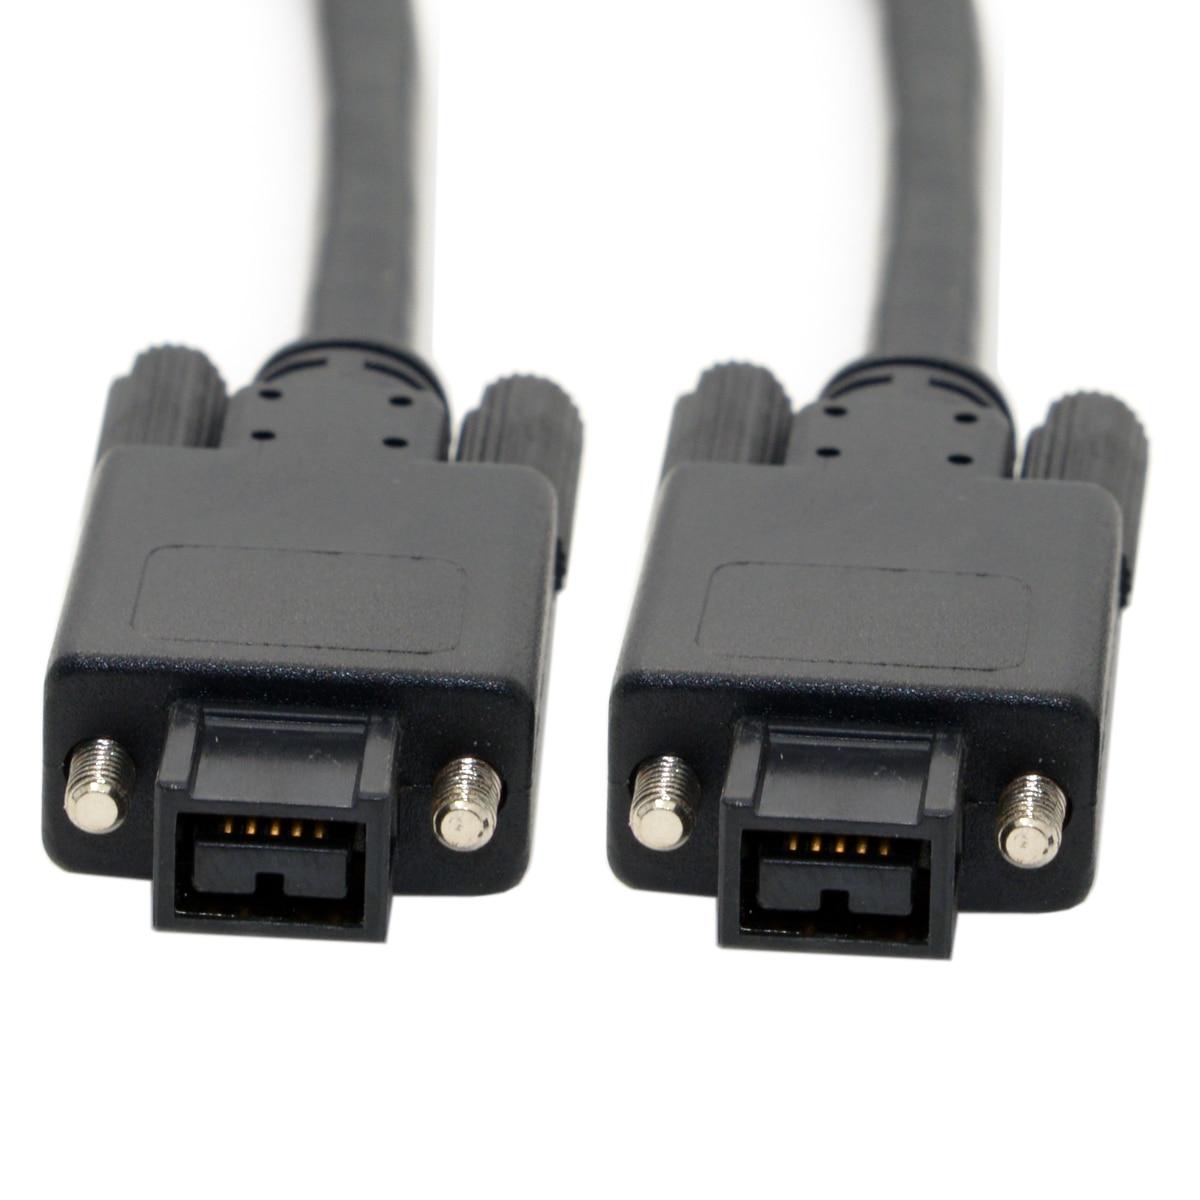 ilink Firewire 800 IEEE 1394 9Pin Plug to 9Pin Screw Type Mount ...